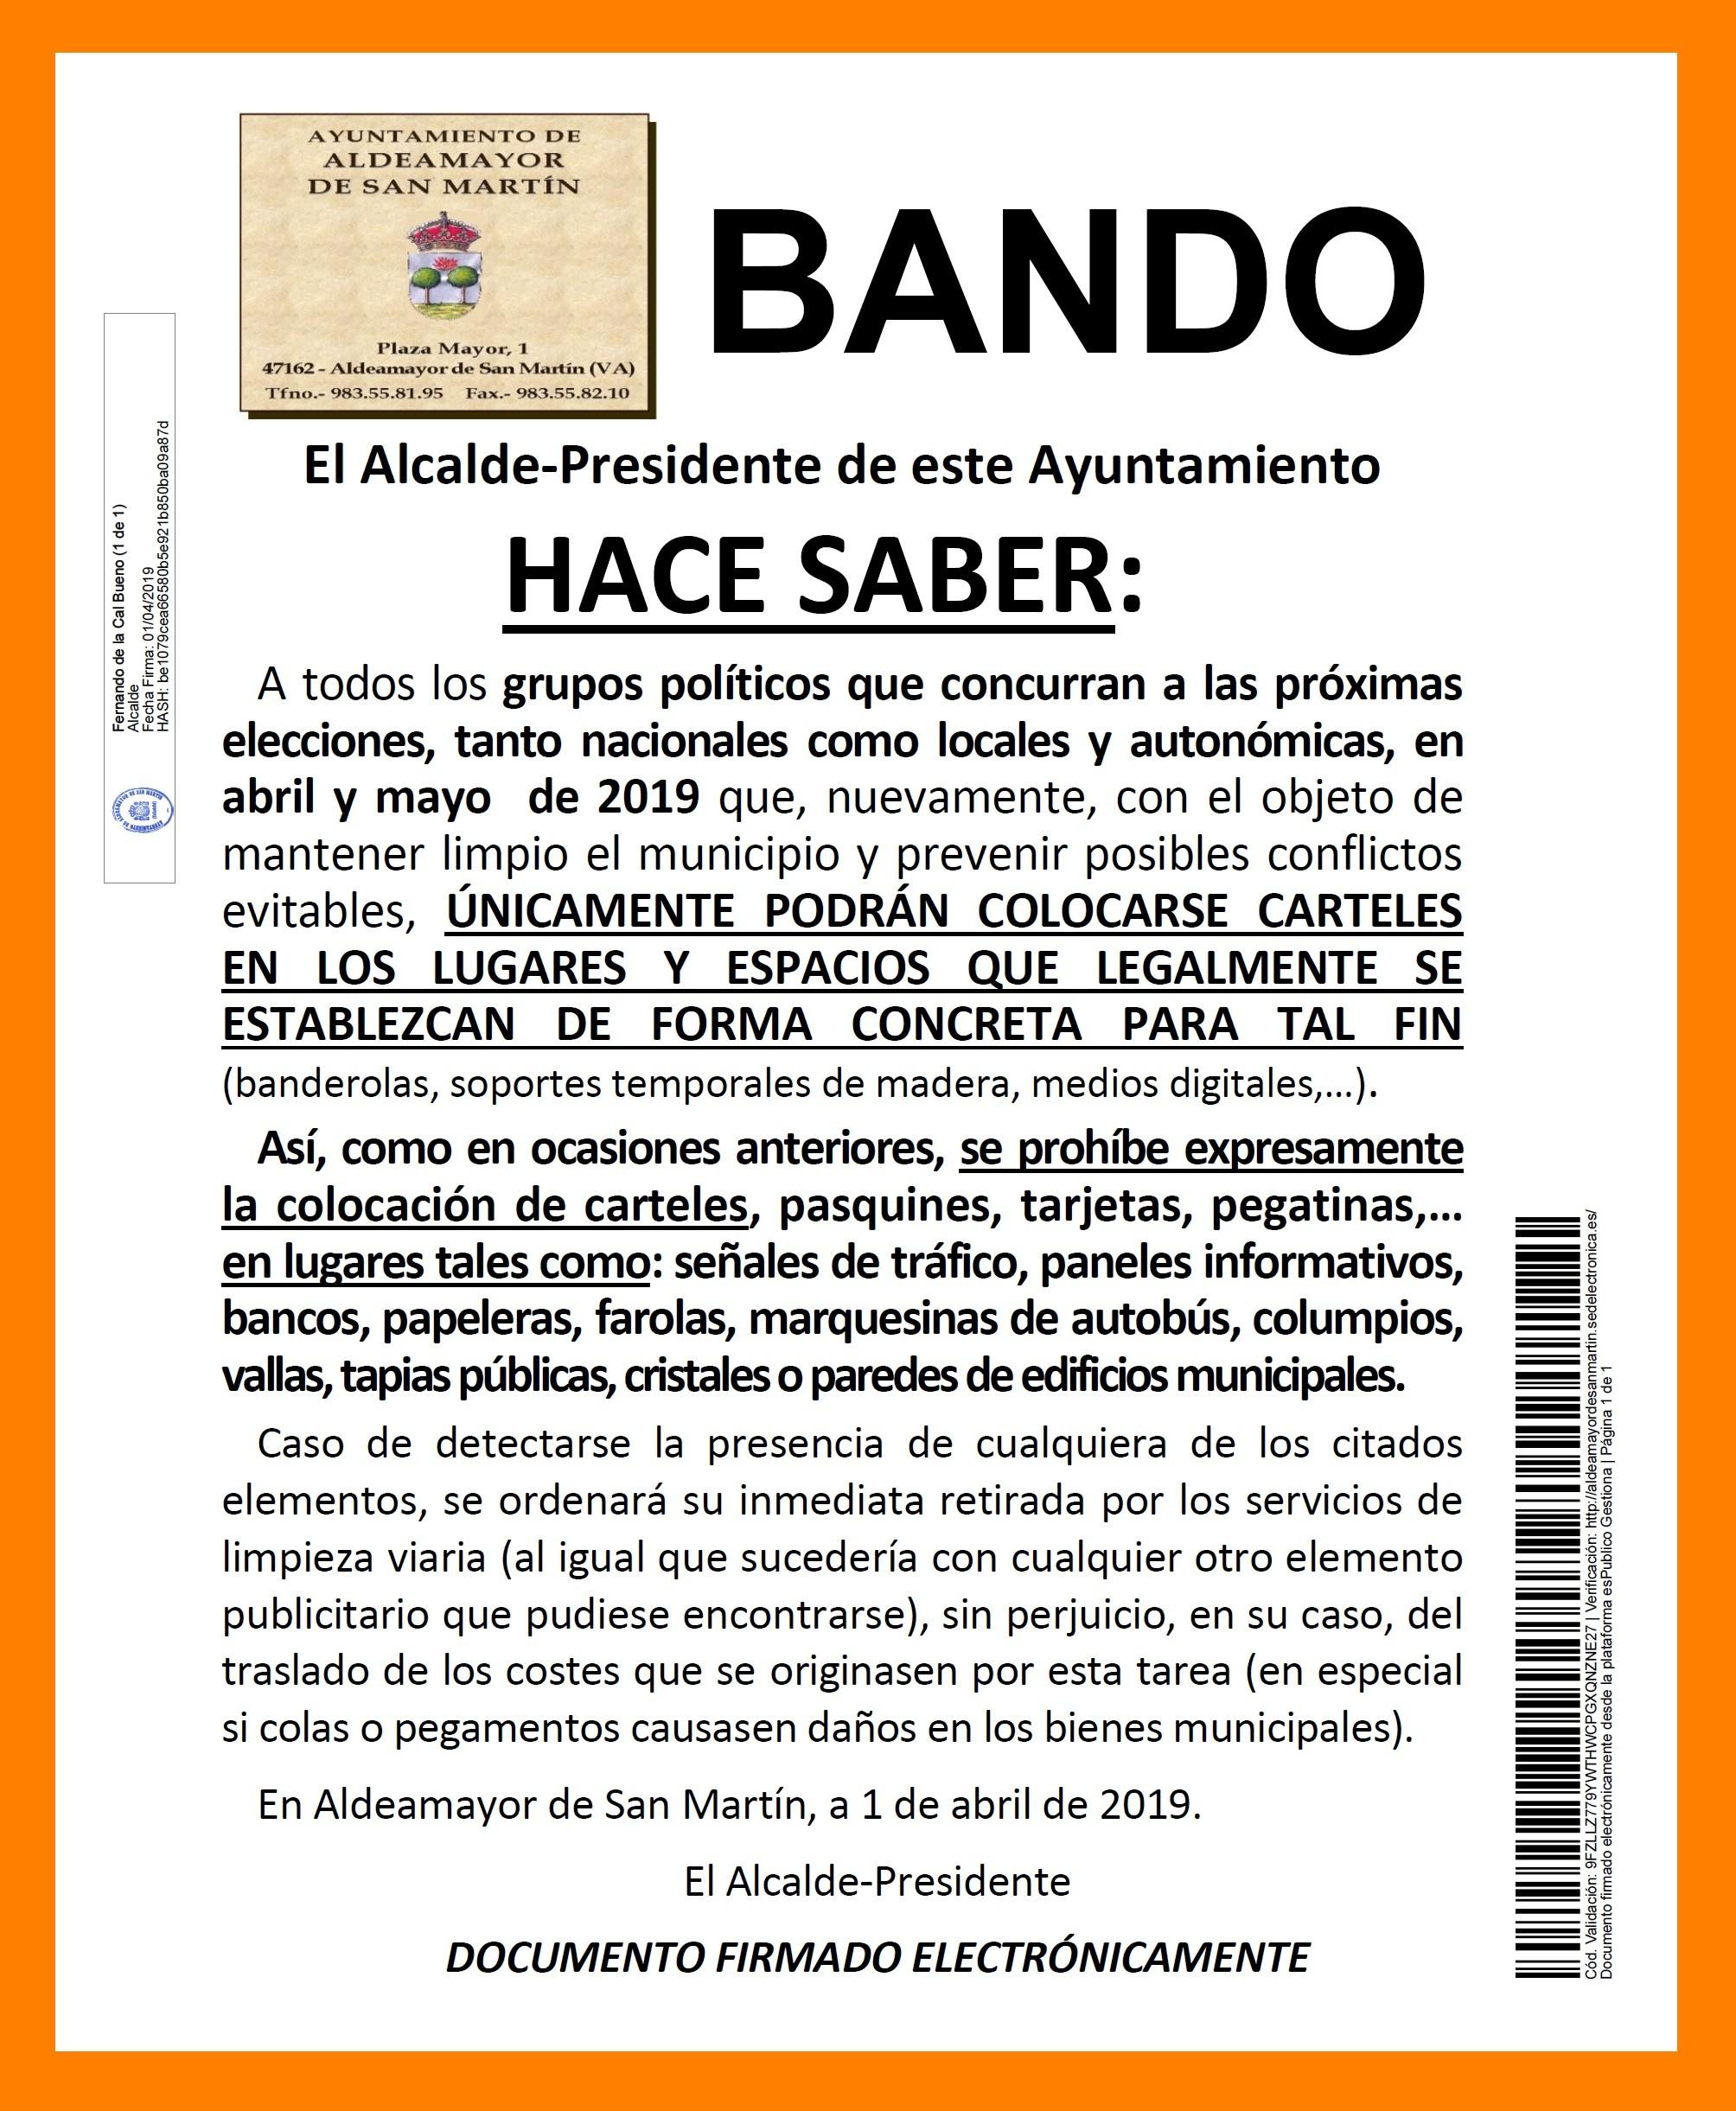 Bando propaganda electoral Abril 2019 Firmado